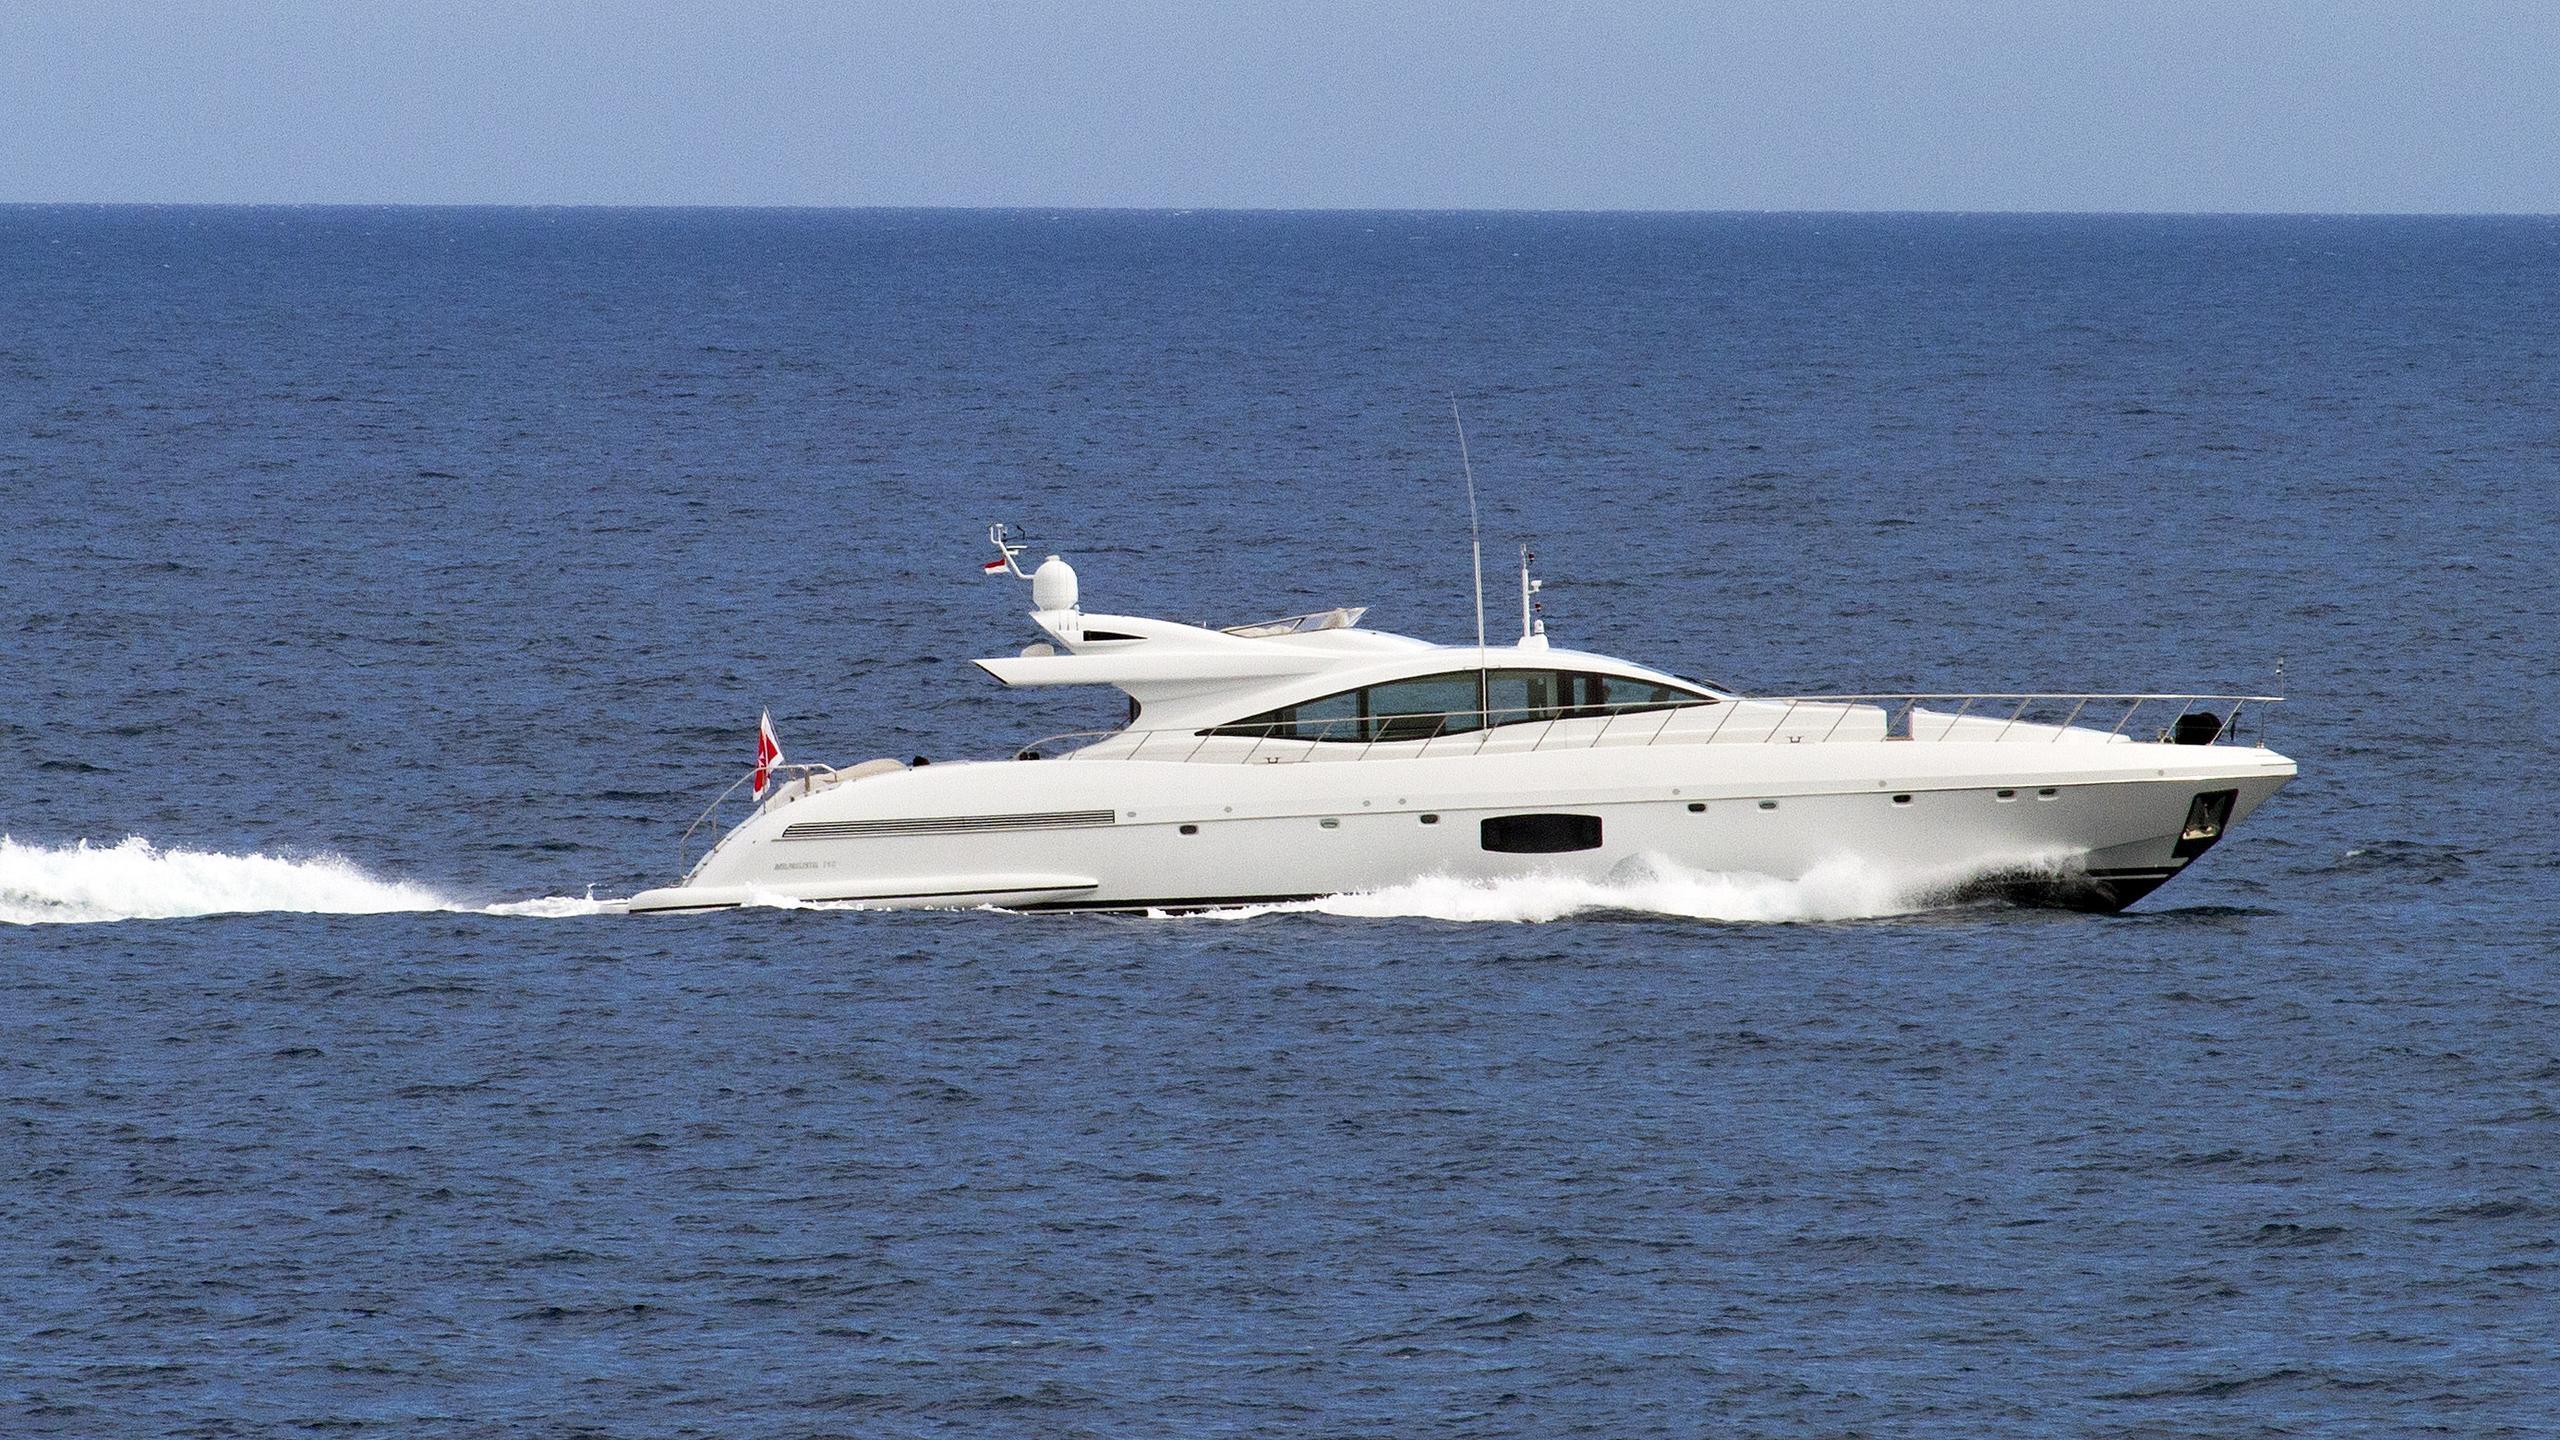 mm-motor-yacht-overmarine-mangusta-110-2015-34m-cruising-profile